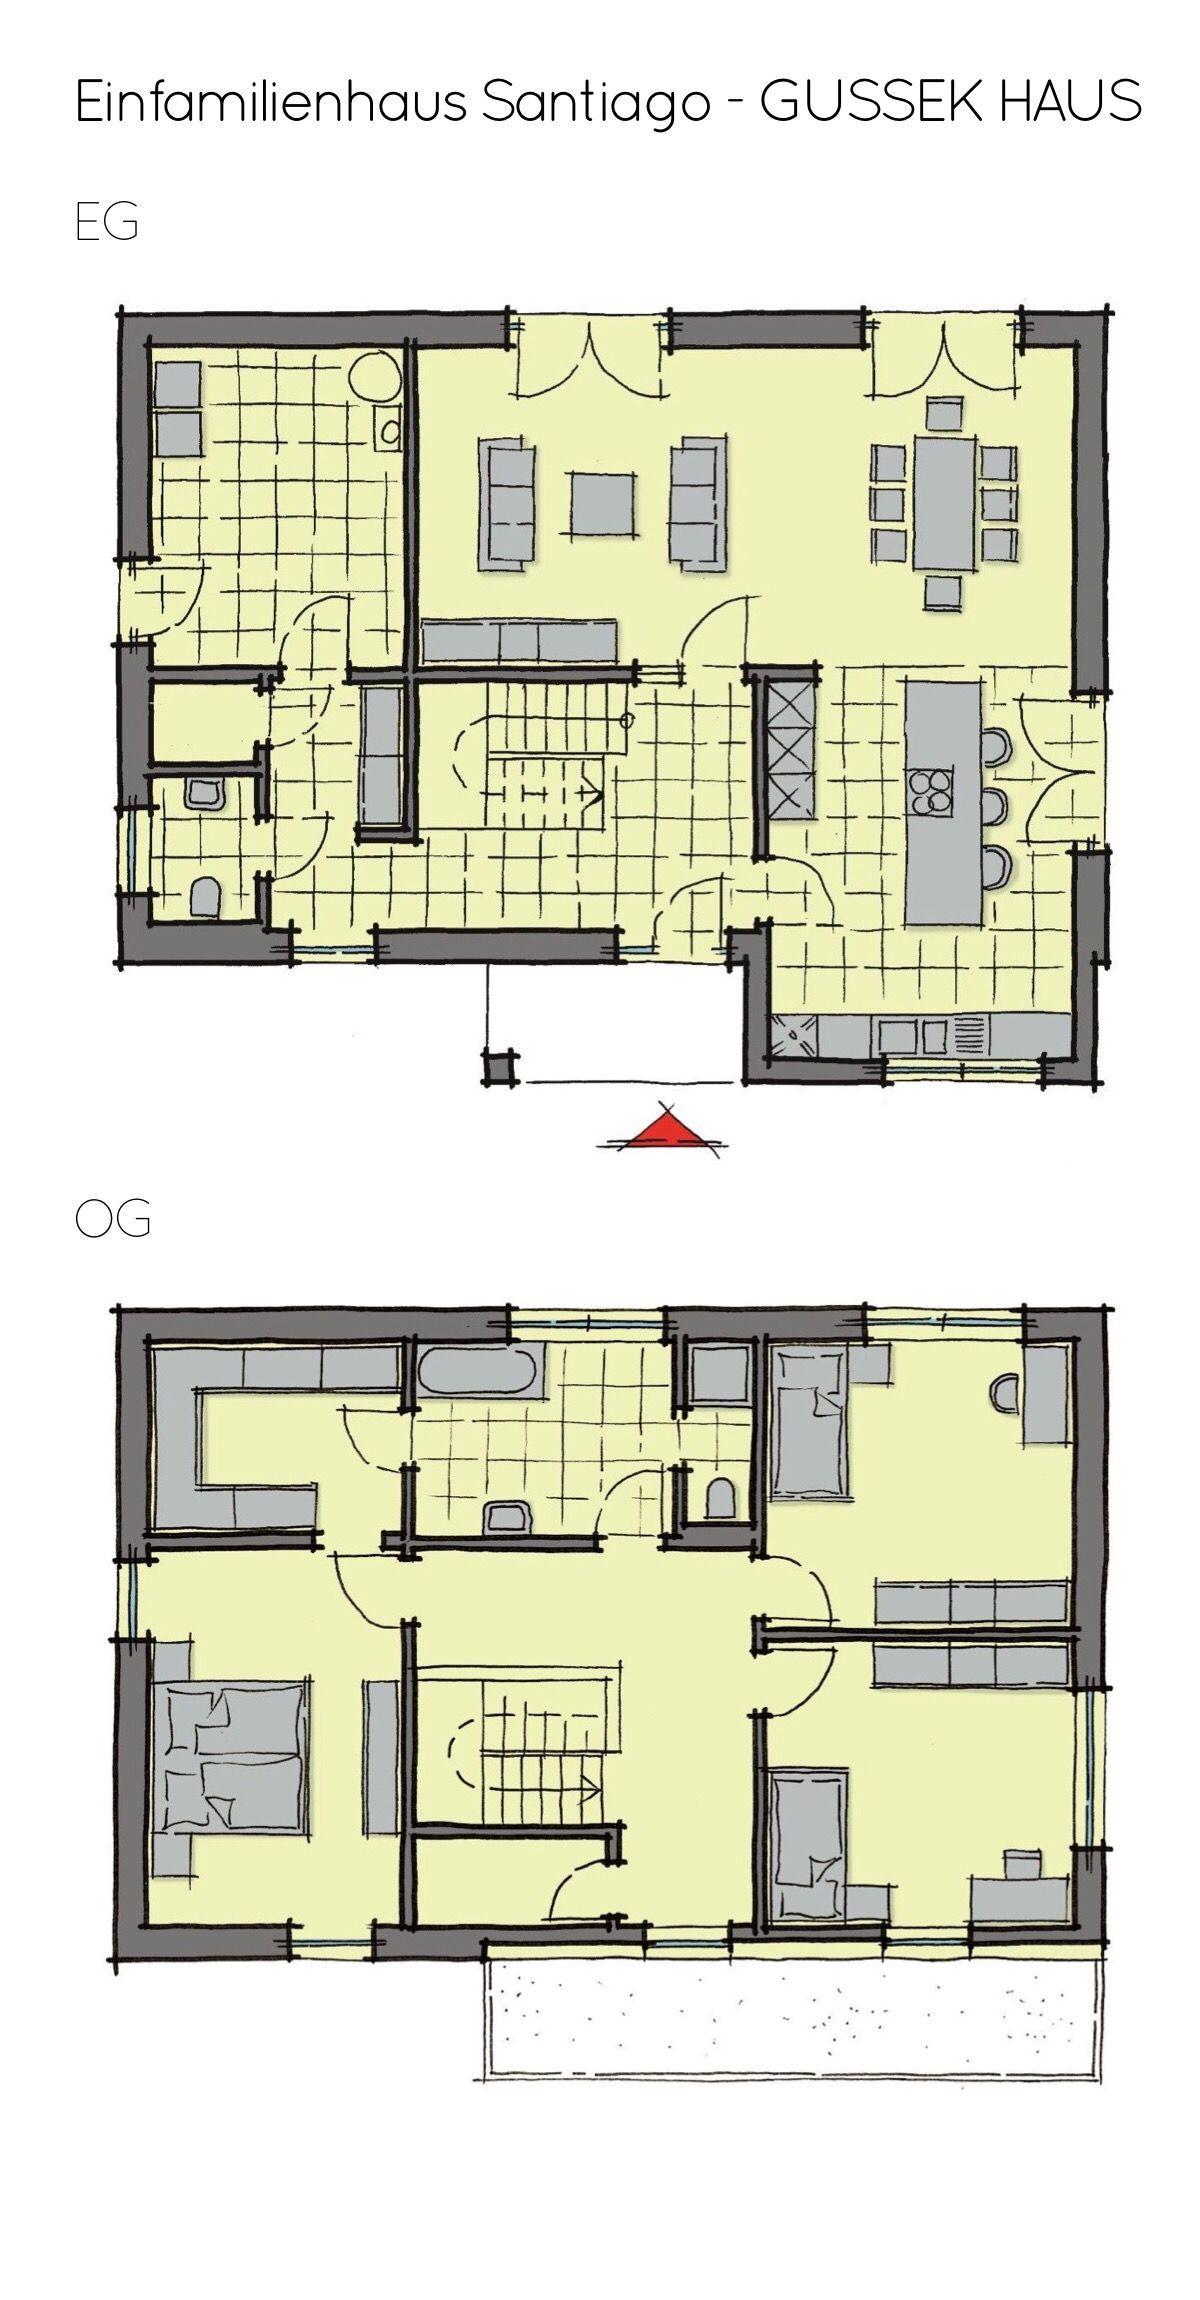 Einfamilienhaus Grundriss modern mit Flachdach Architektur